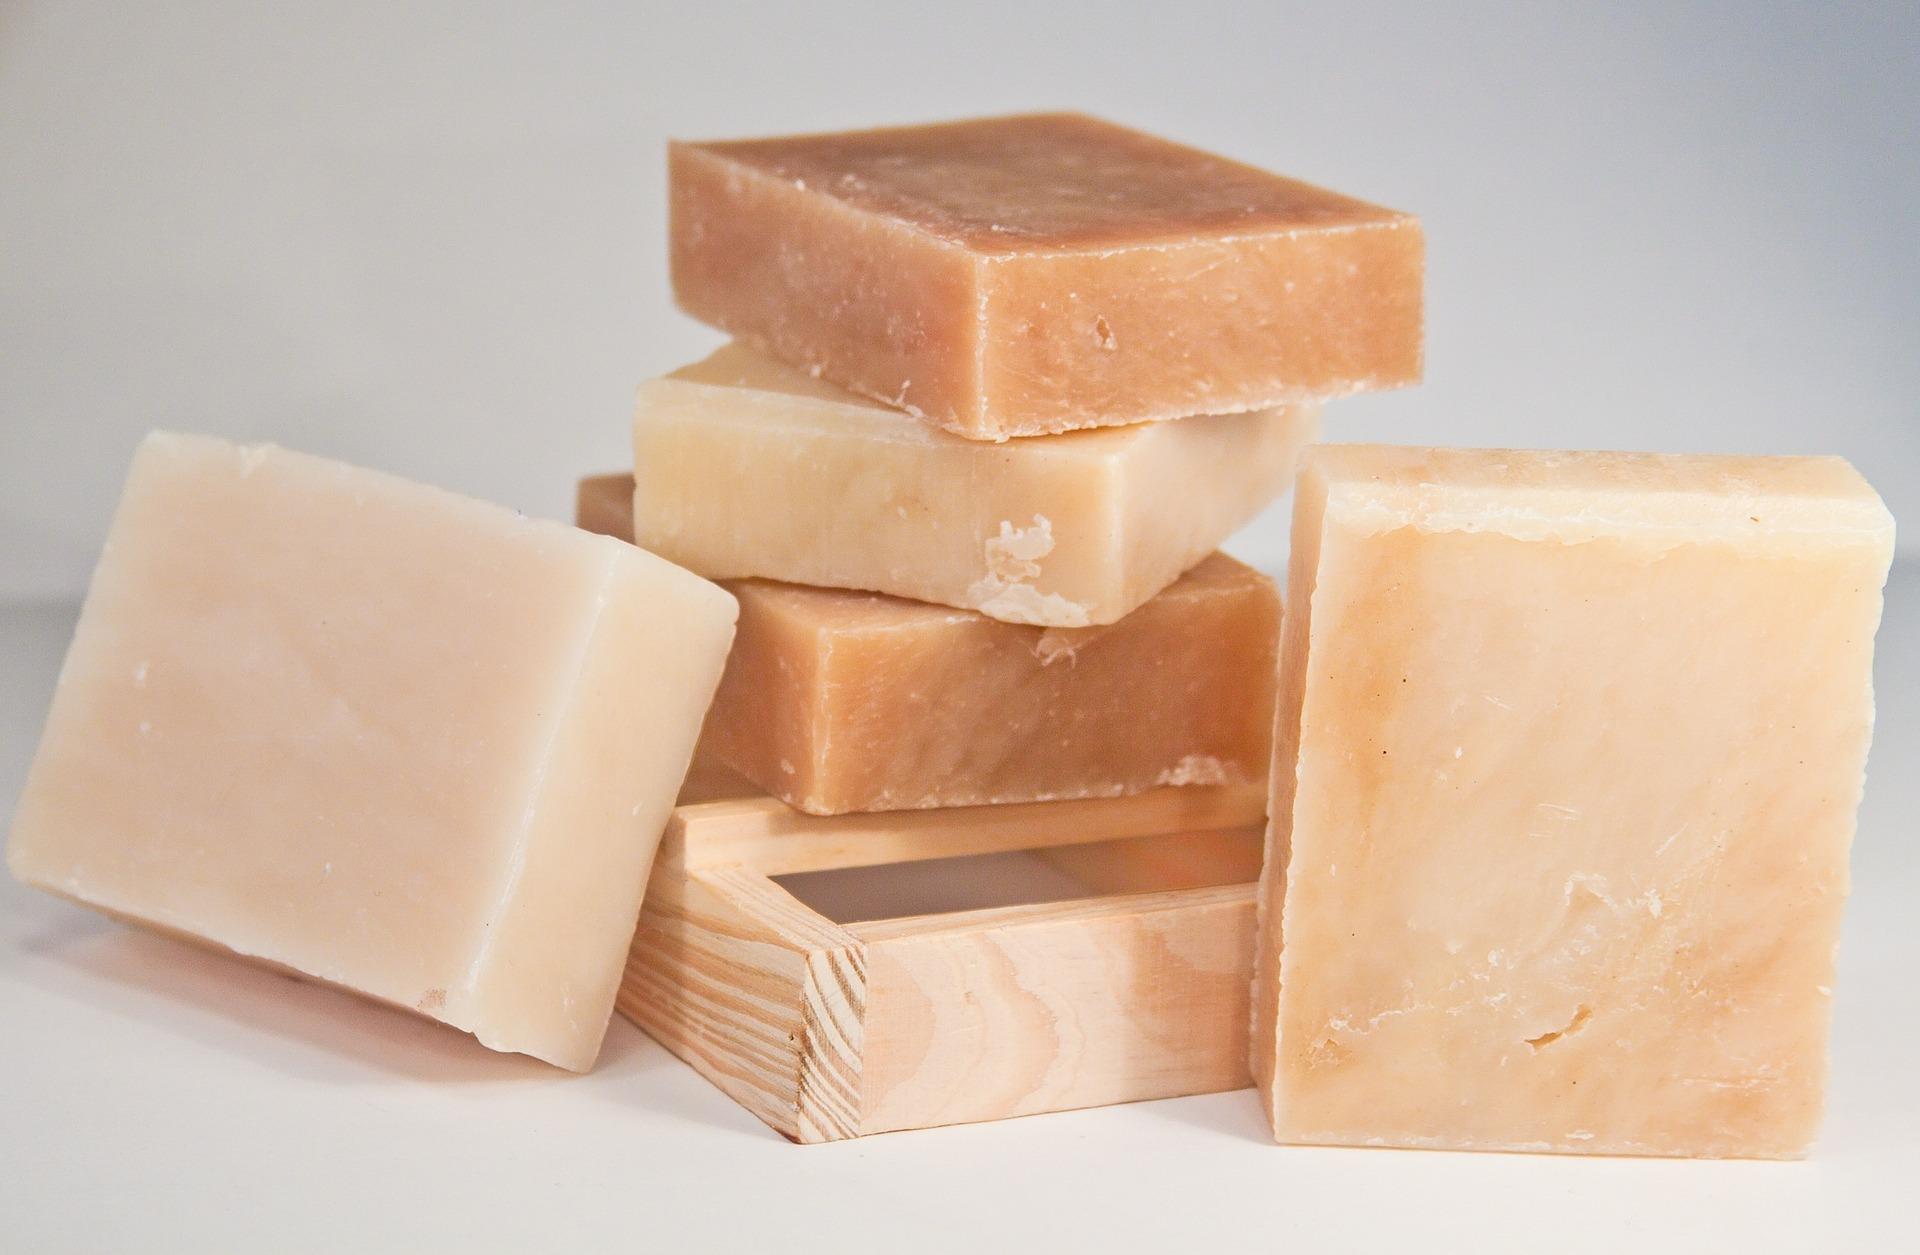 SERIÁL - Výroba mydla procesom za studena: Čo je to domáce mydlo vyrobené procesom za studena?